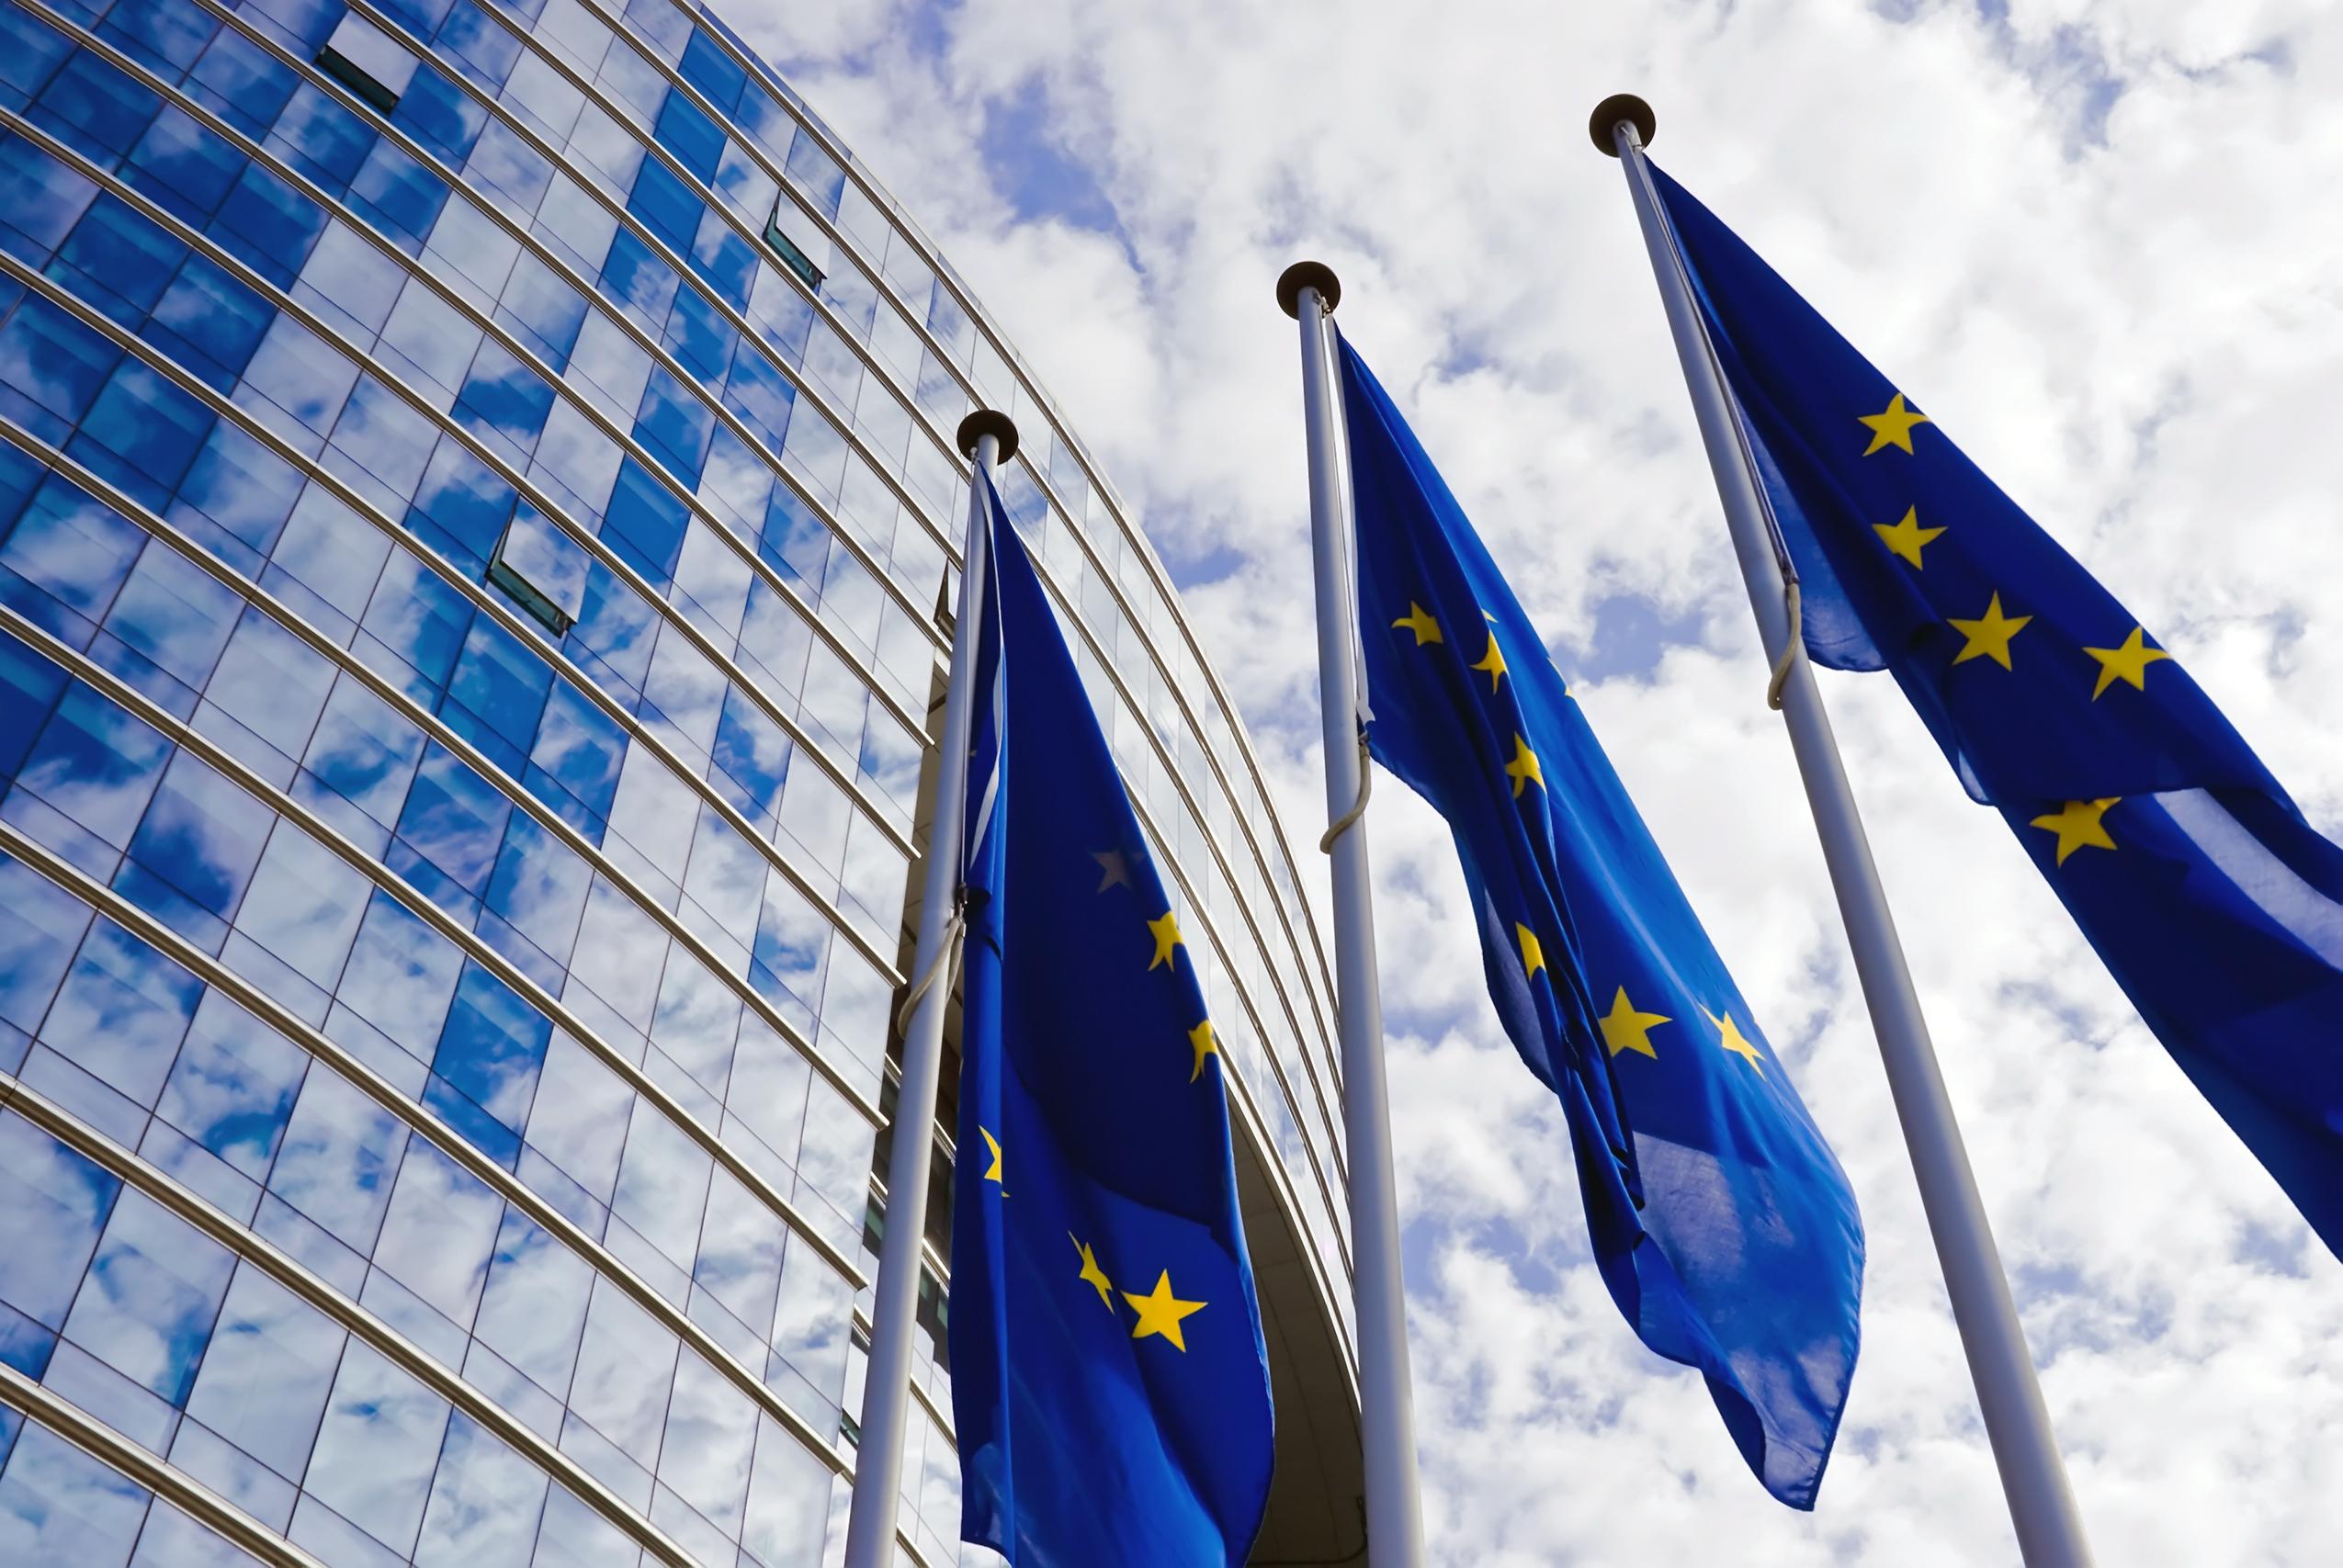 Nuovo Video Corso a cura dell'esperta Maria Teresa Magosso - Il Regolamento Europeo 2016/1191 sullo scambio di alcuni documenti pubblici